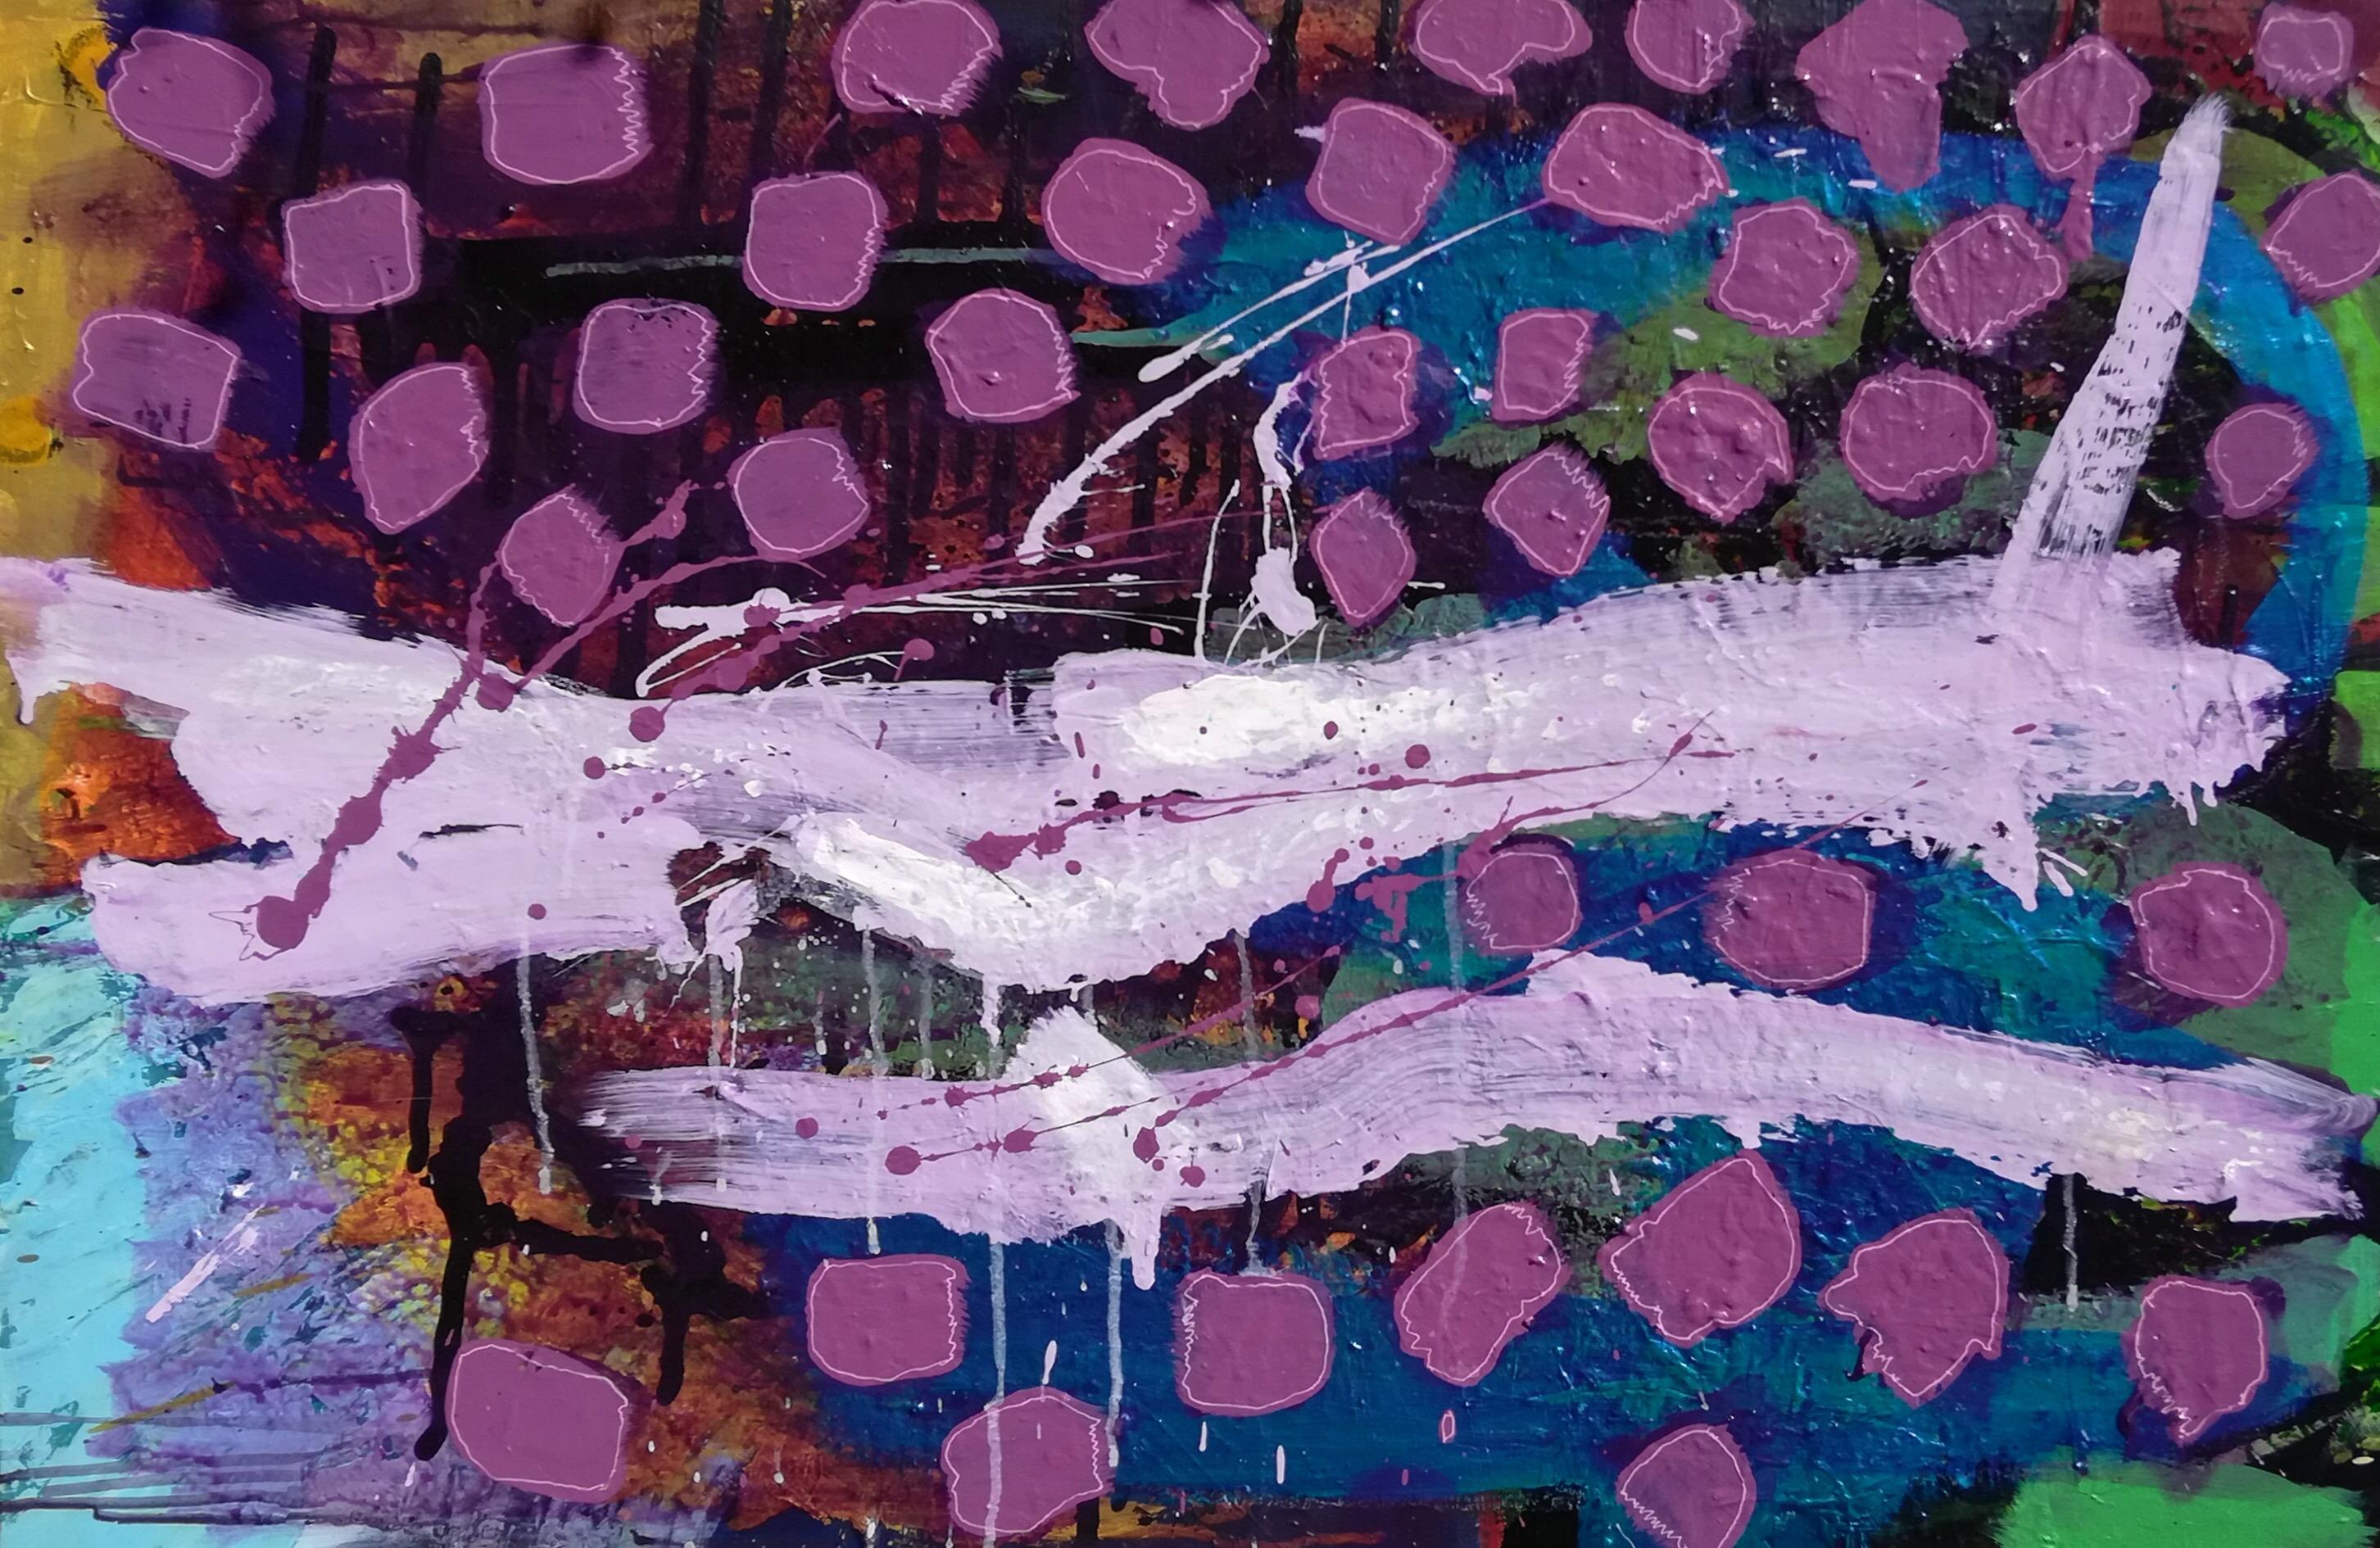 Acrylic on canvas A1 size